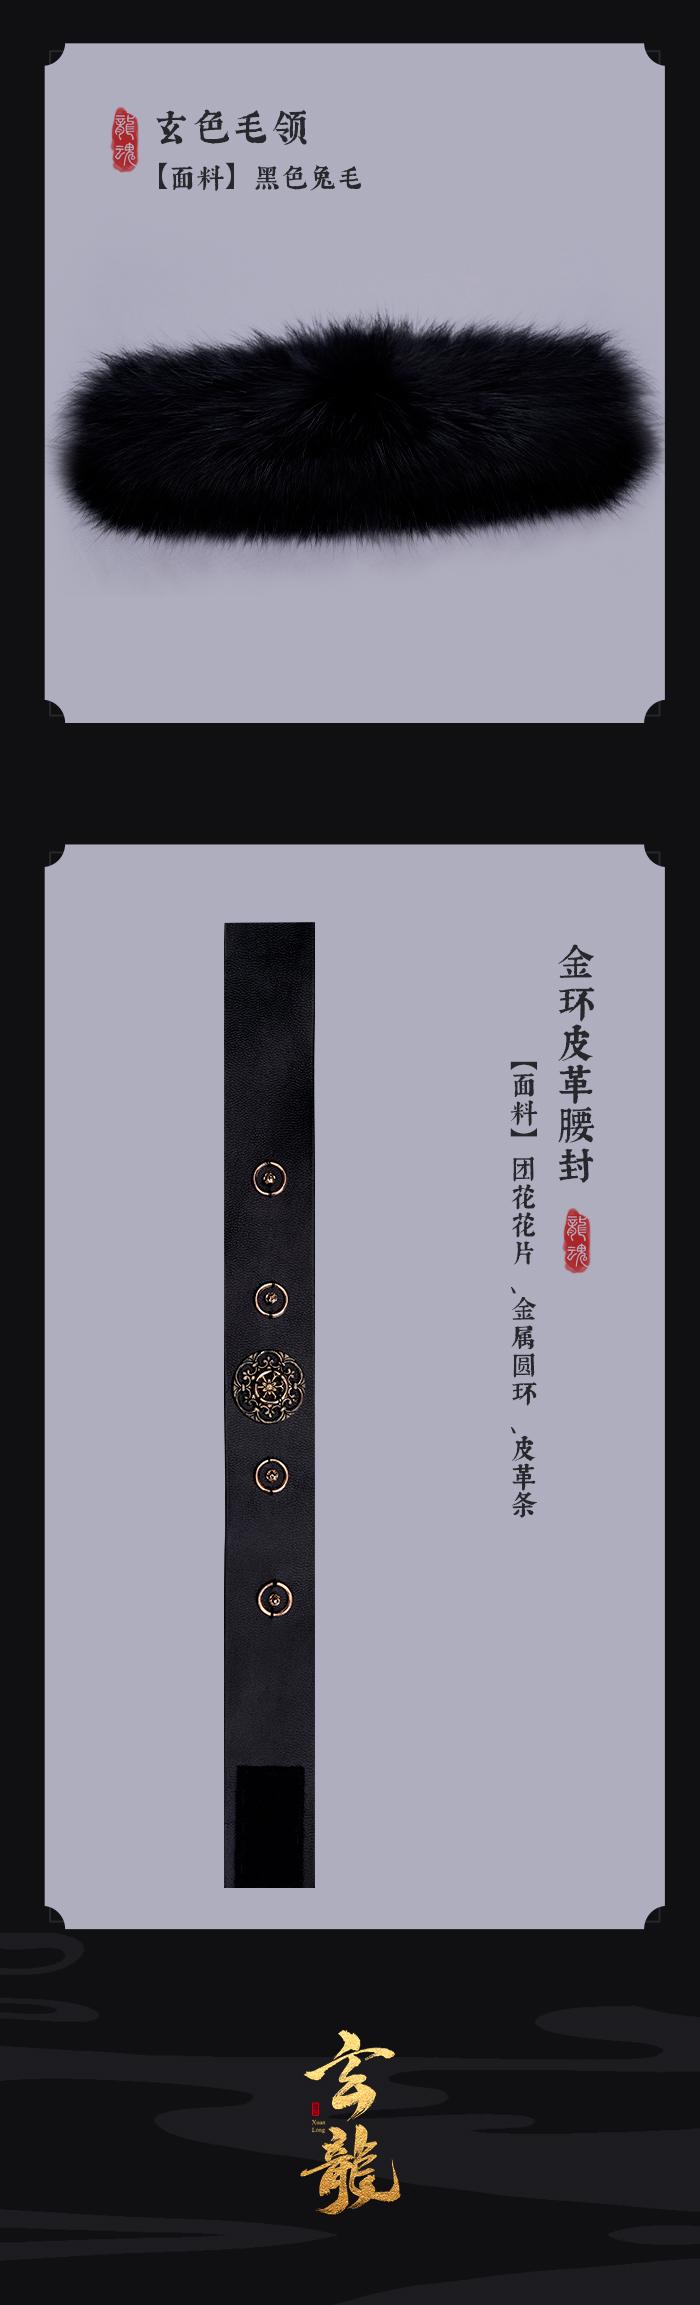 玄龙平铺_04.jpg